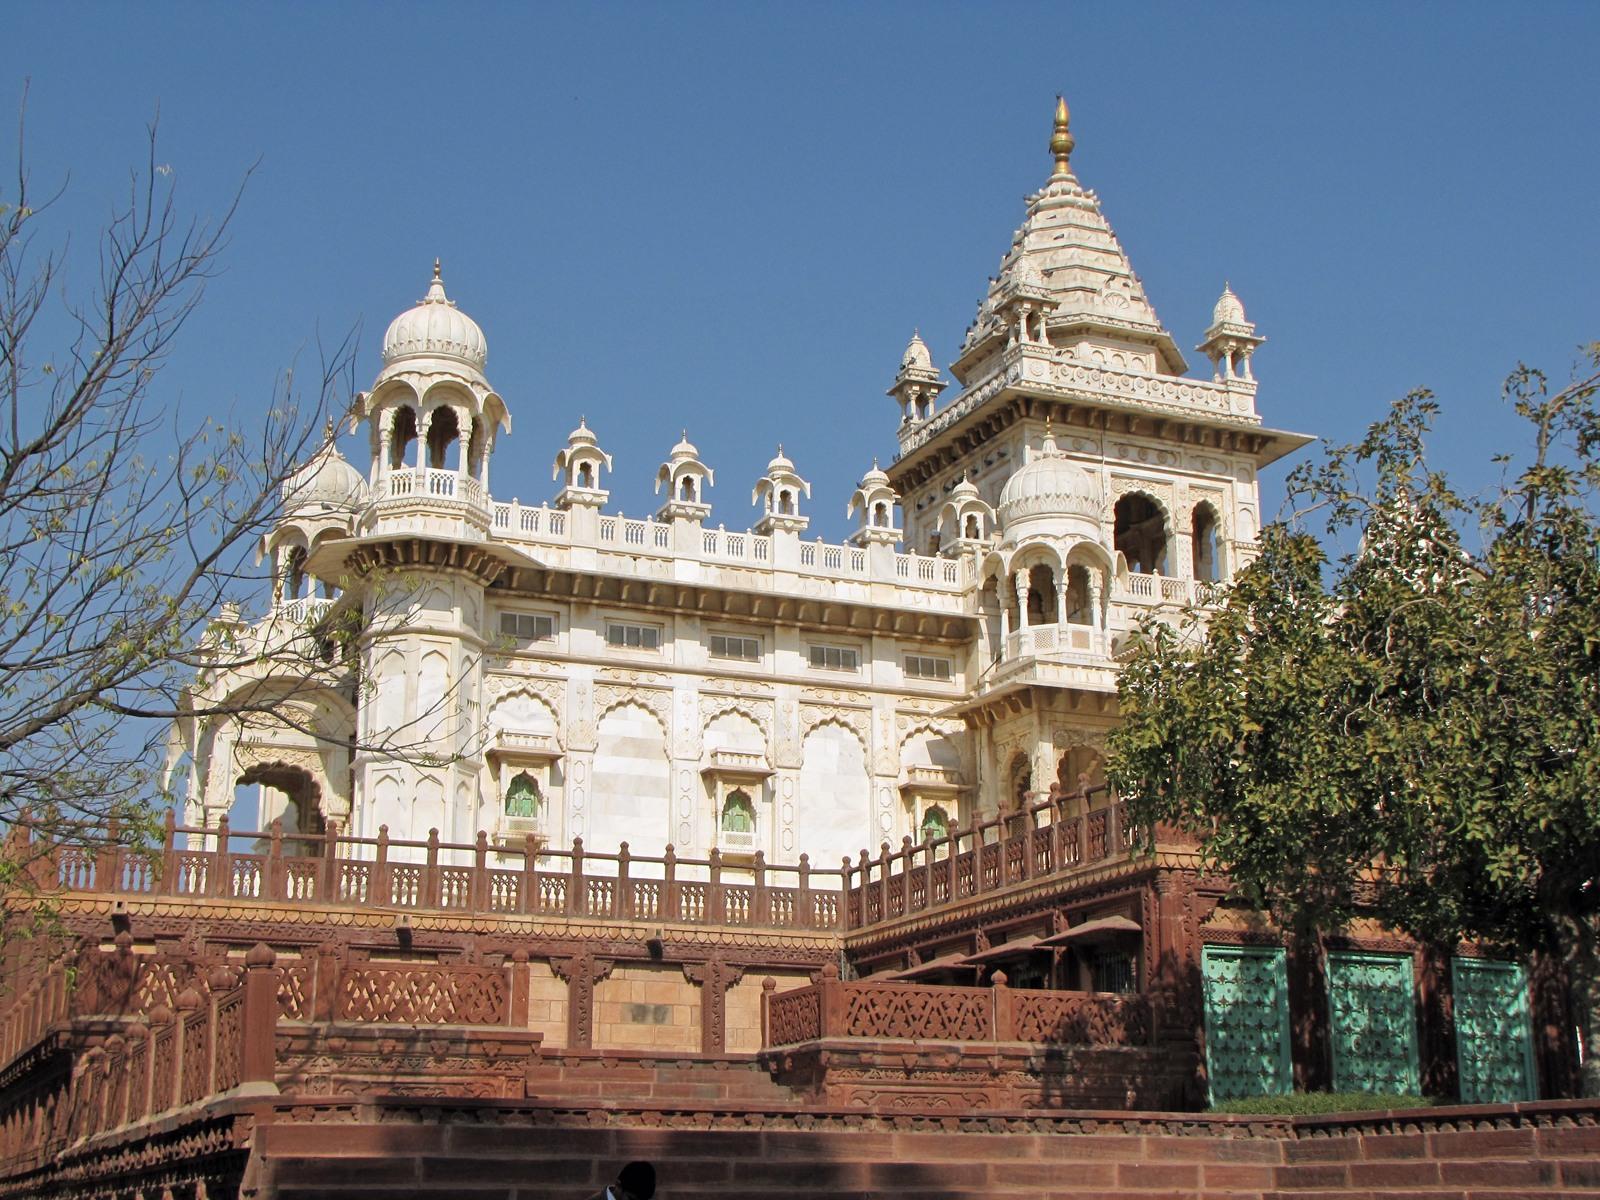 Le vie della città vecchia, Jodhpur